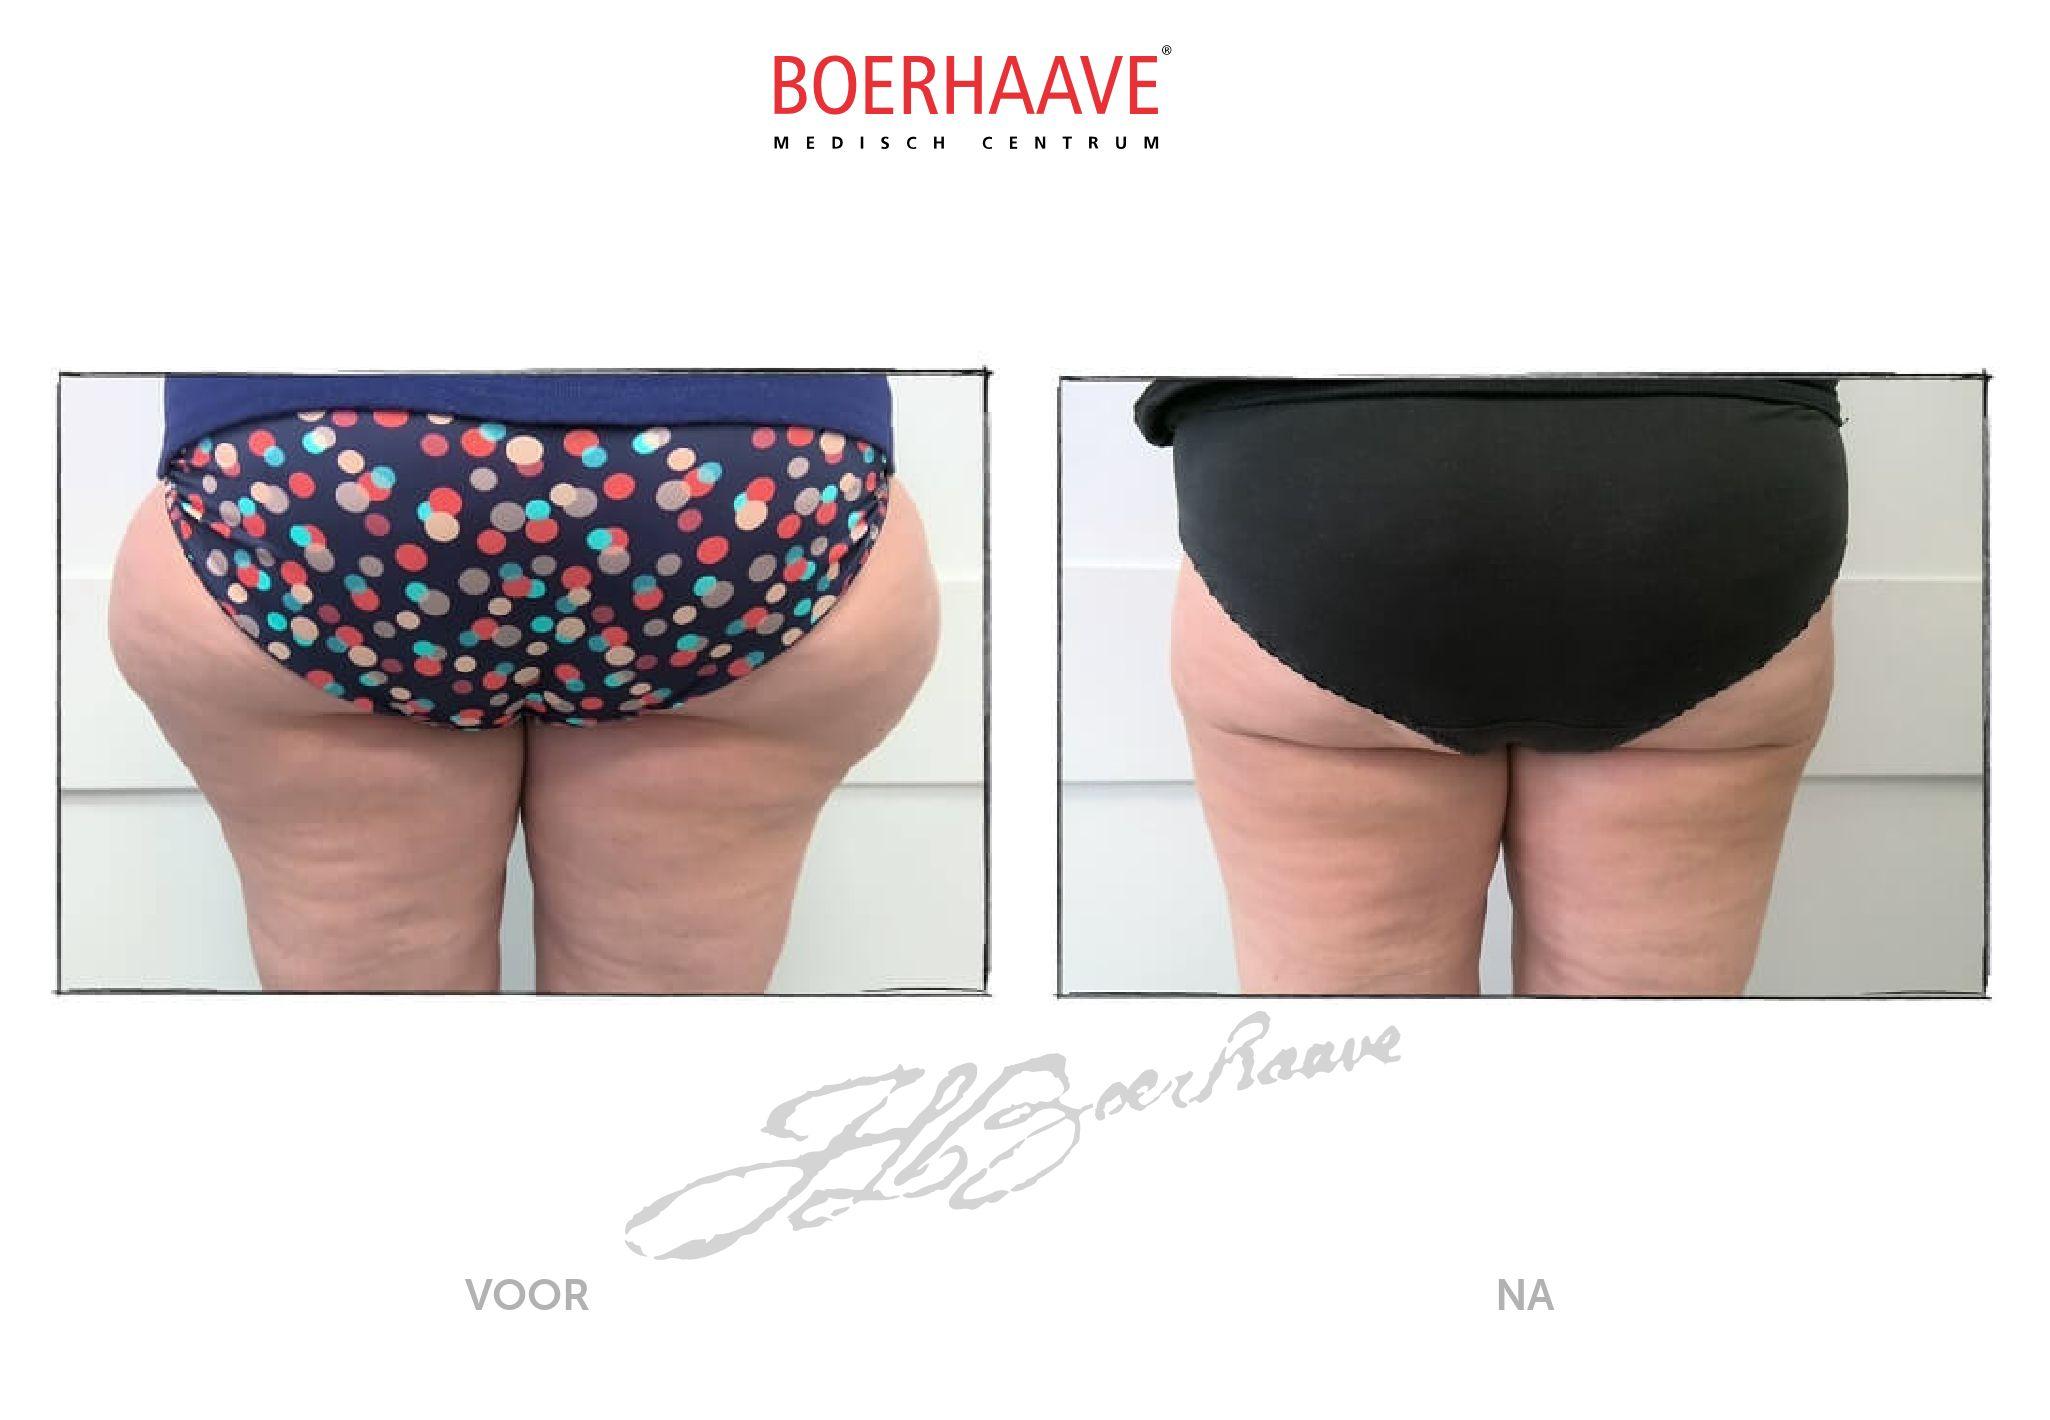 Voor na foto van liposuctie behandeling